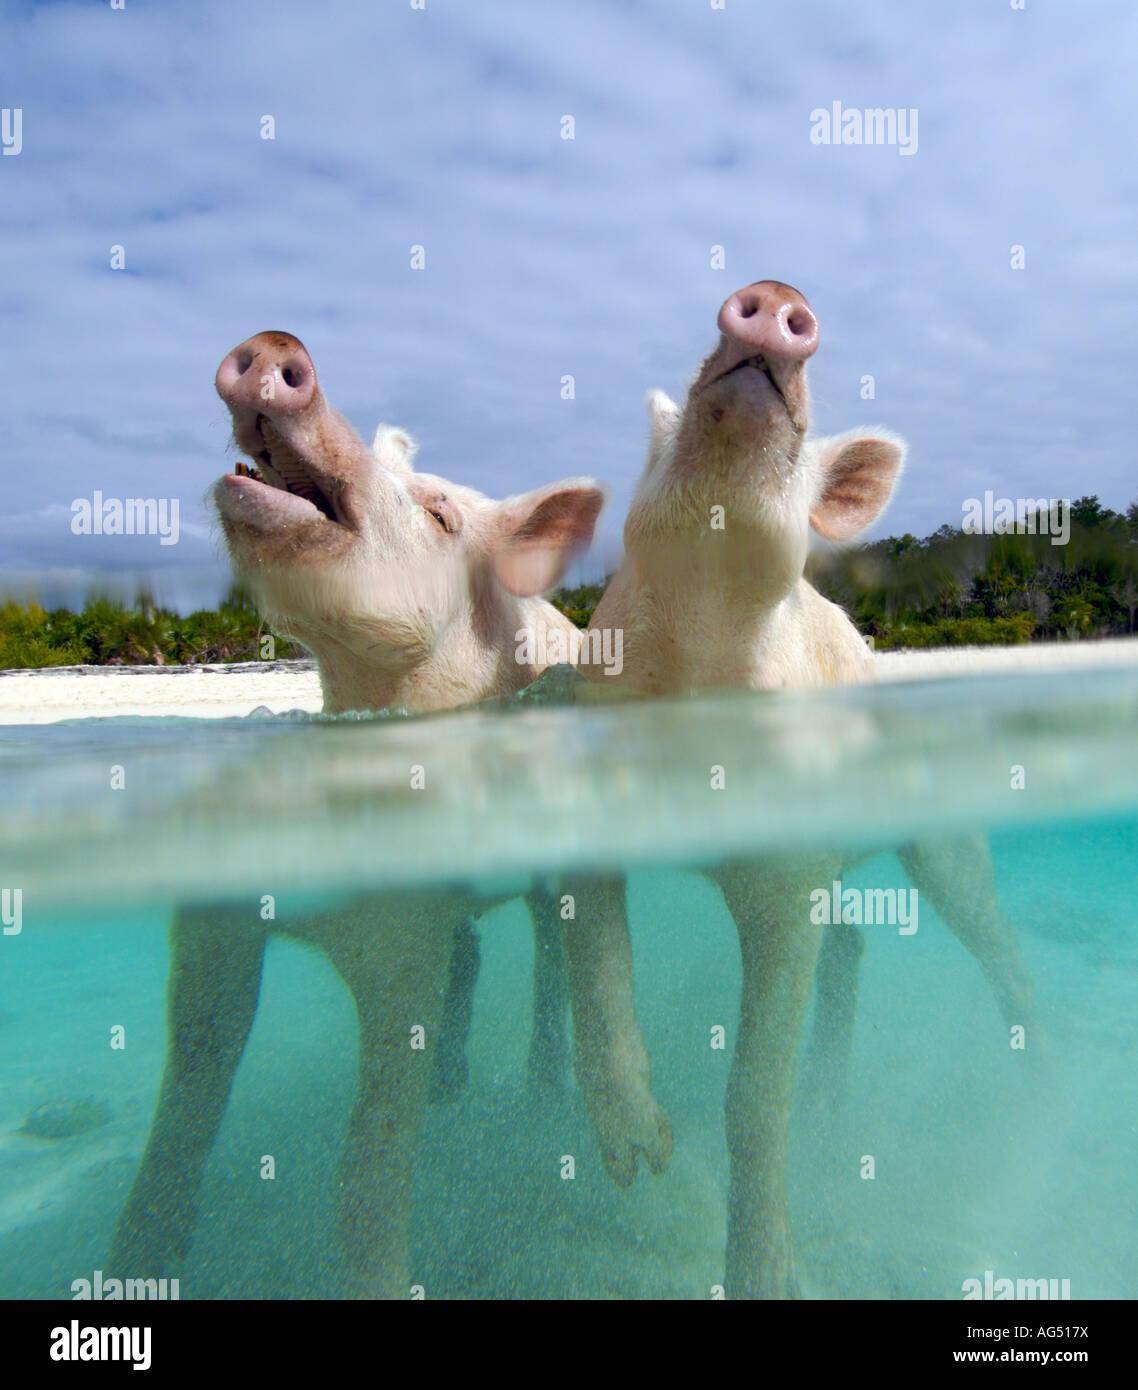 schweine im tropischen wasser an einem strand auf den bahamas steht stockfoto bild 14096749. Black Bedroom Furniture Sets. Home Design Ideas